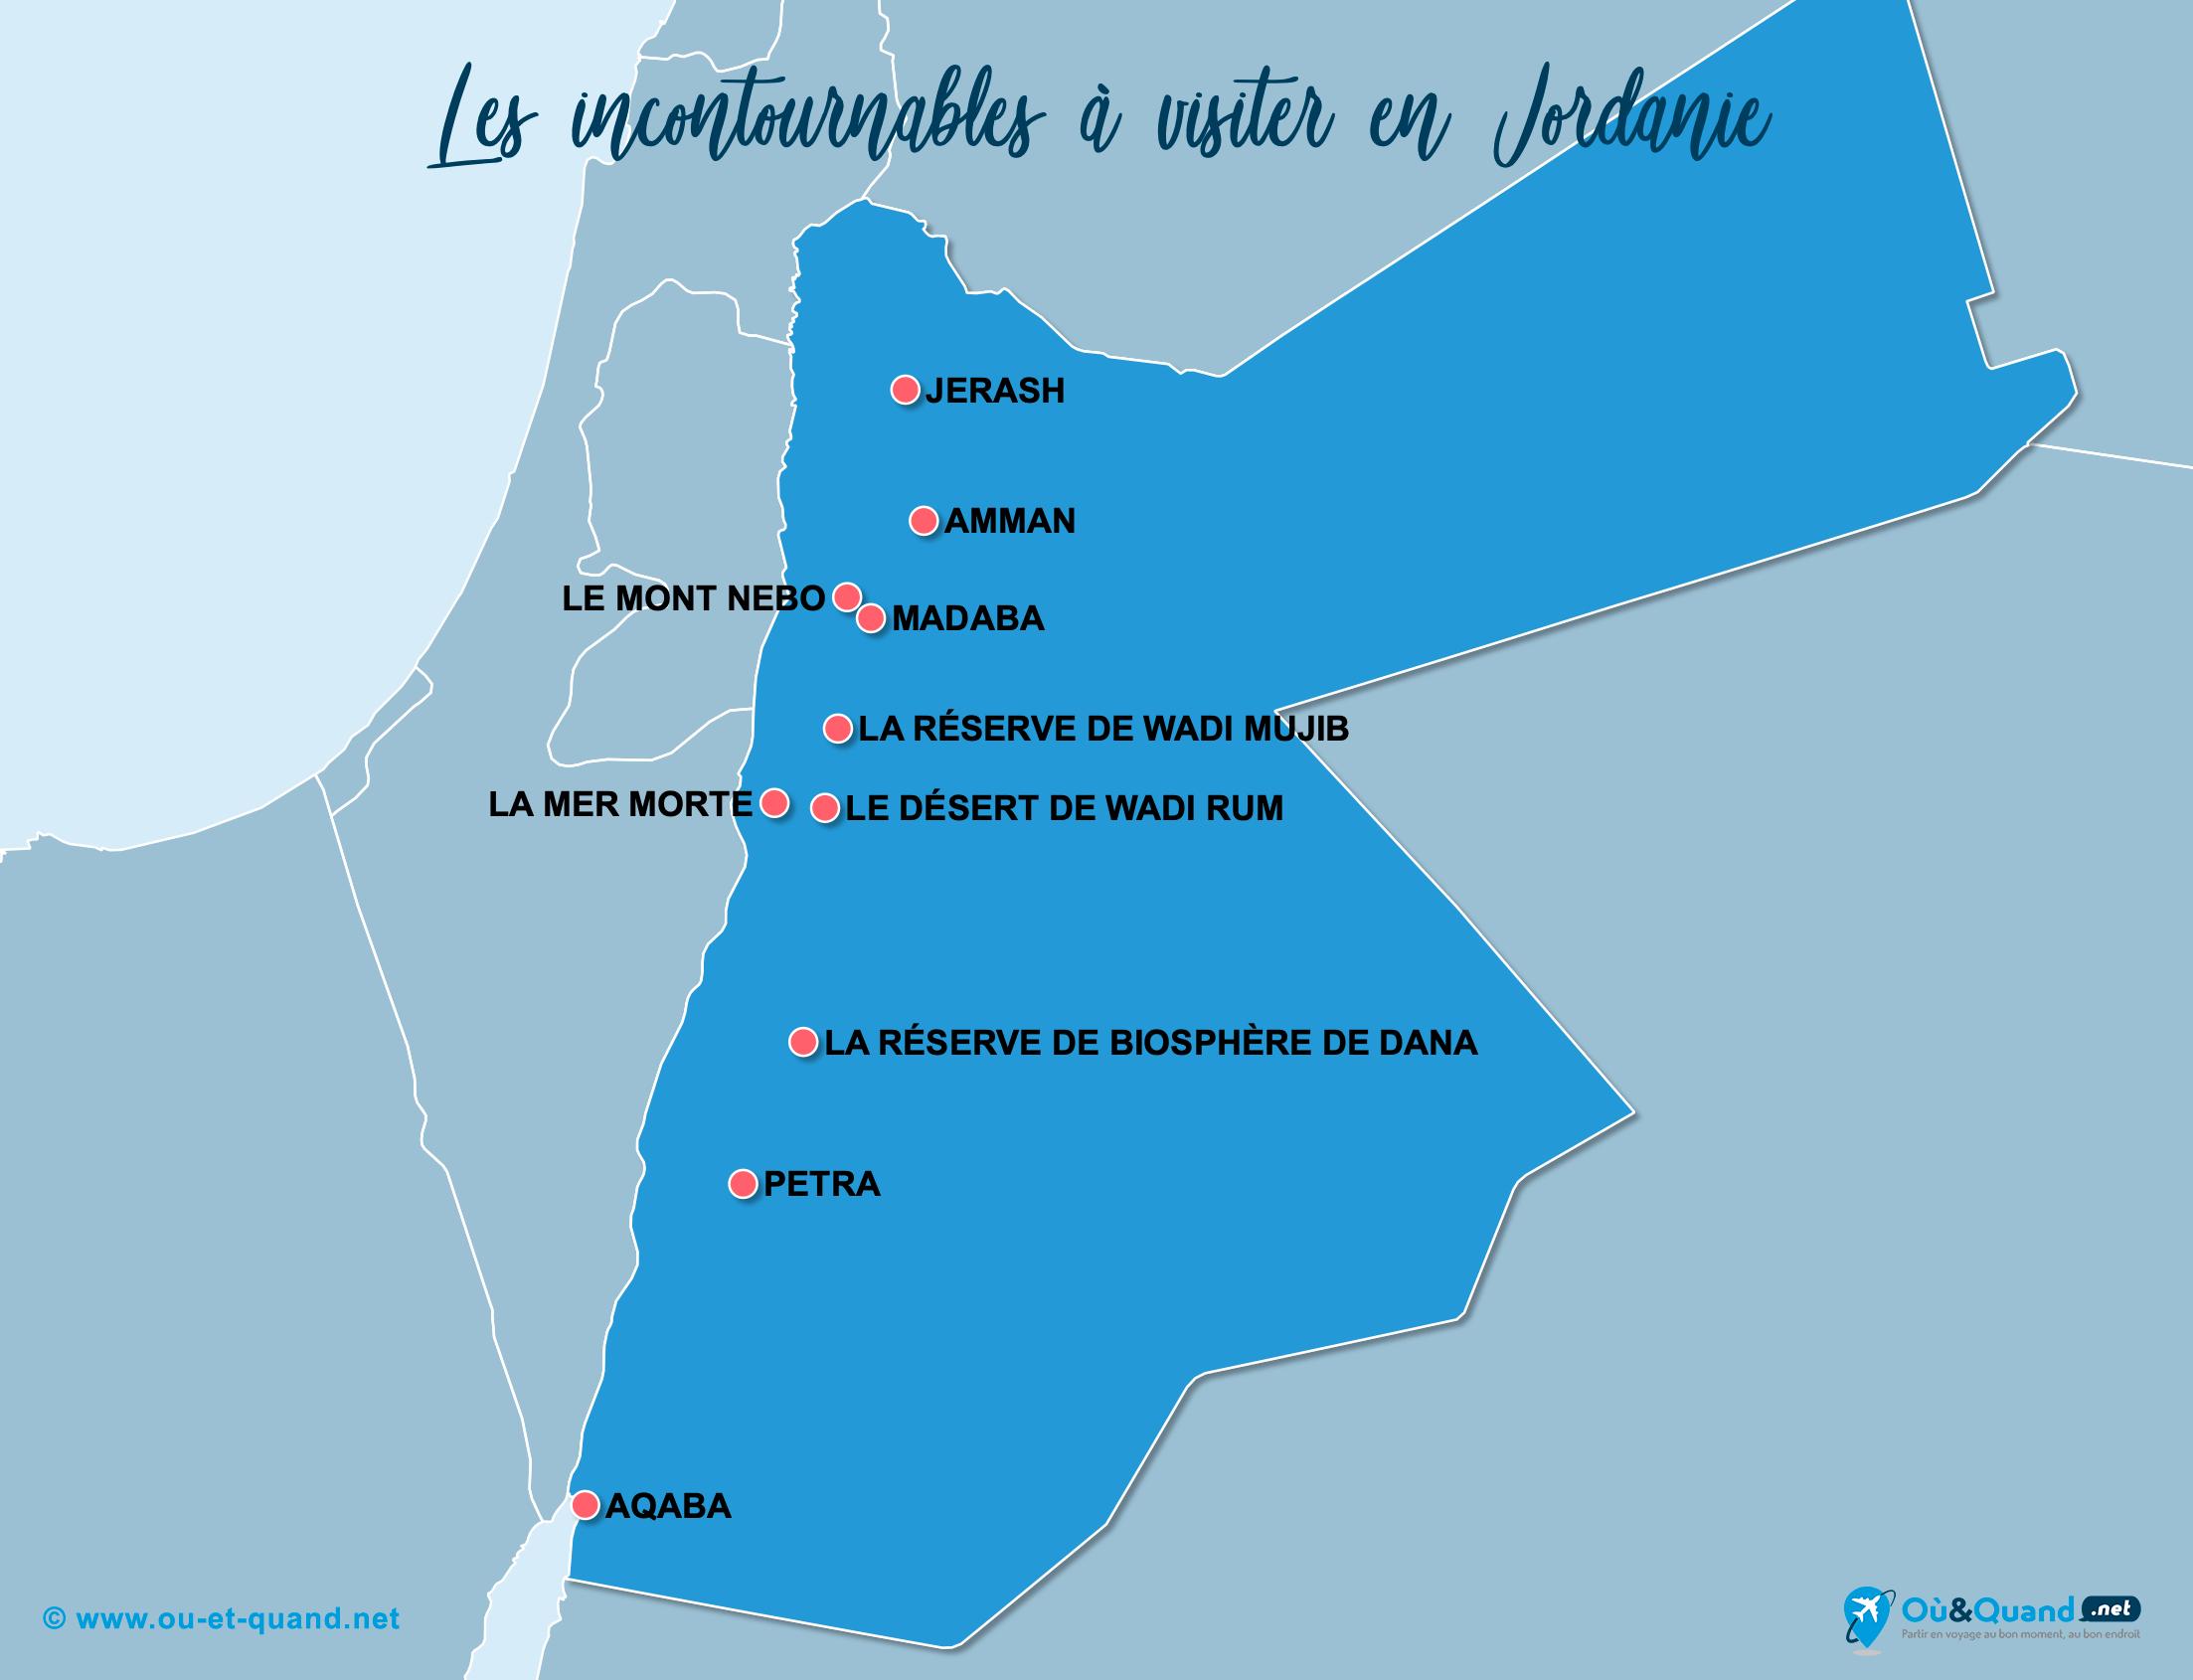 Carte Jordanie : Les lieux incontournables en Jordanie